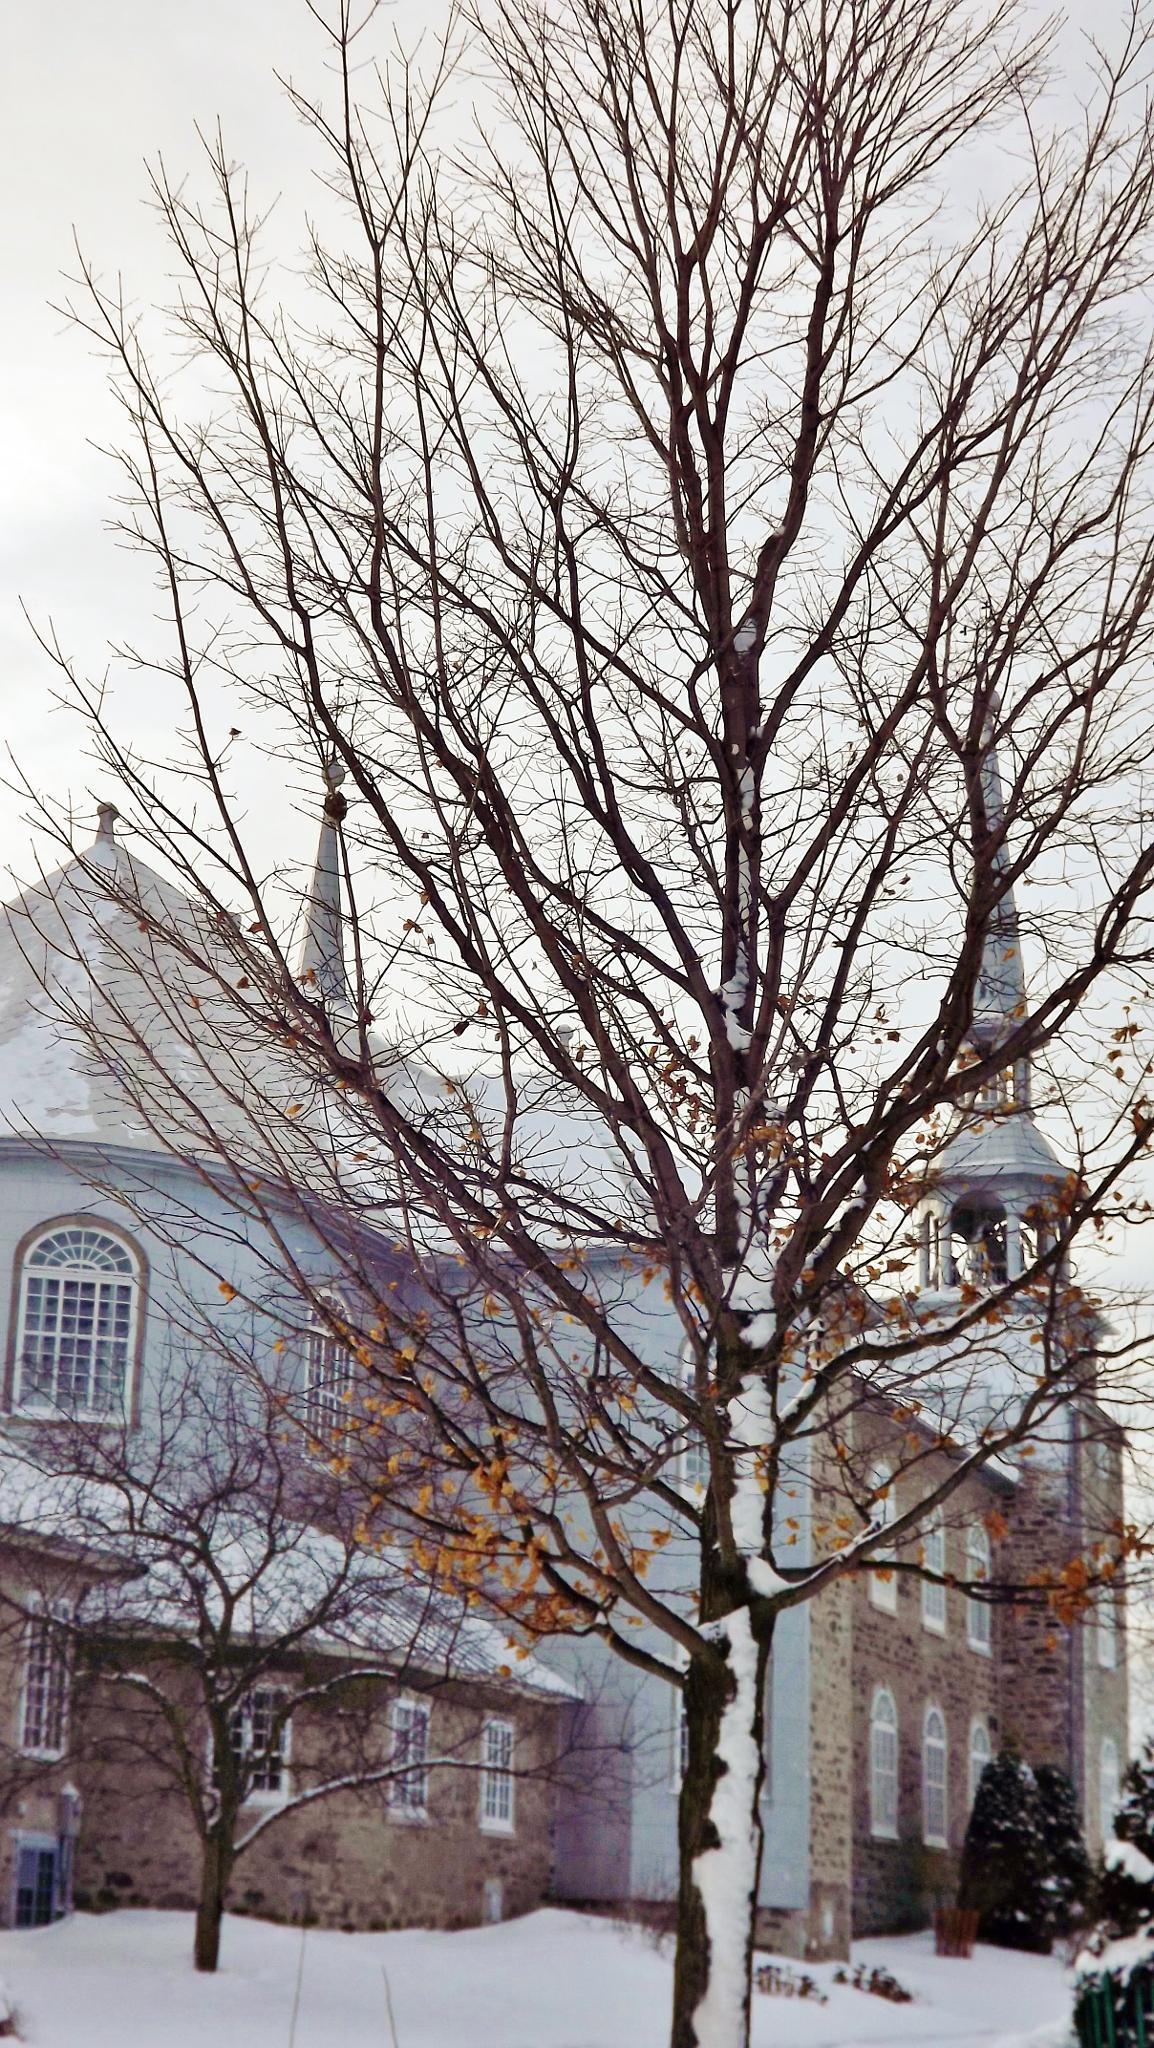 L'arbre sans ses feuilles à Deschambault by real.michaud.5036